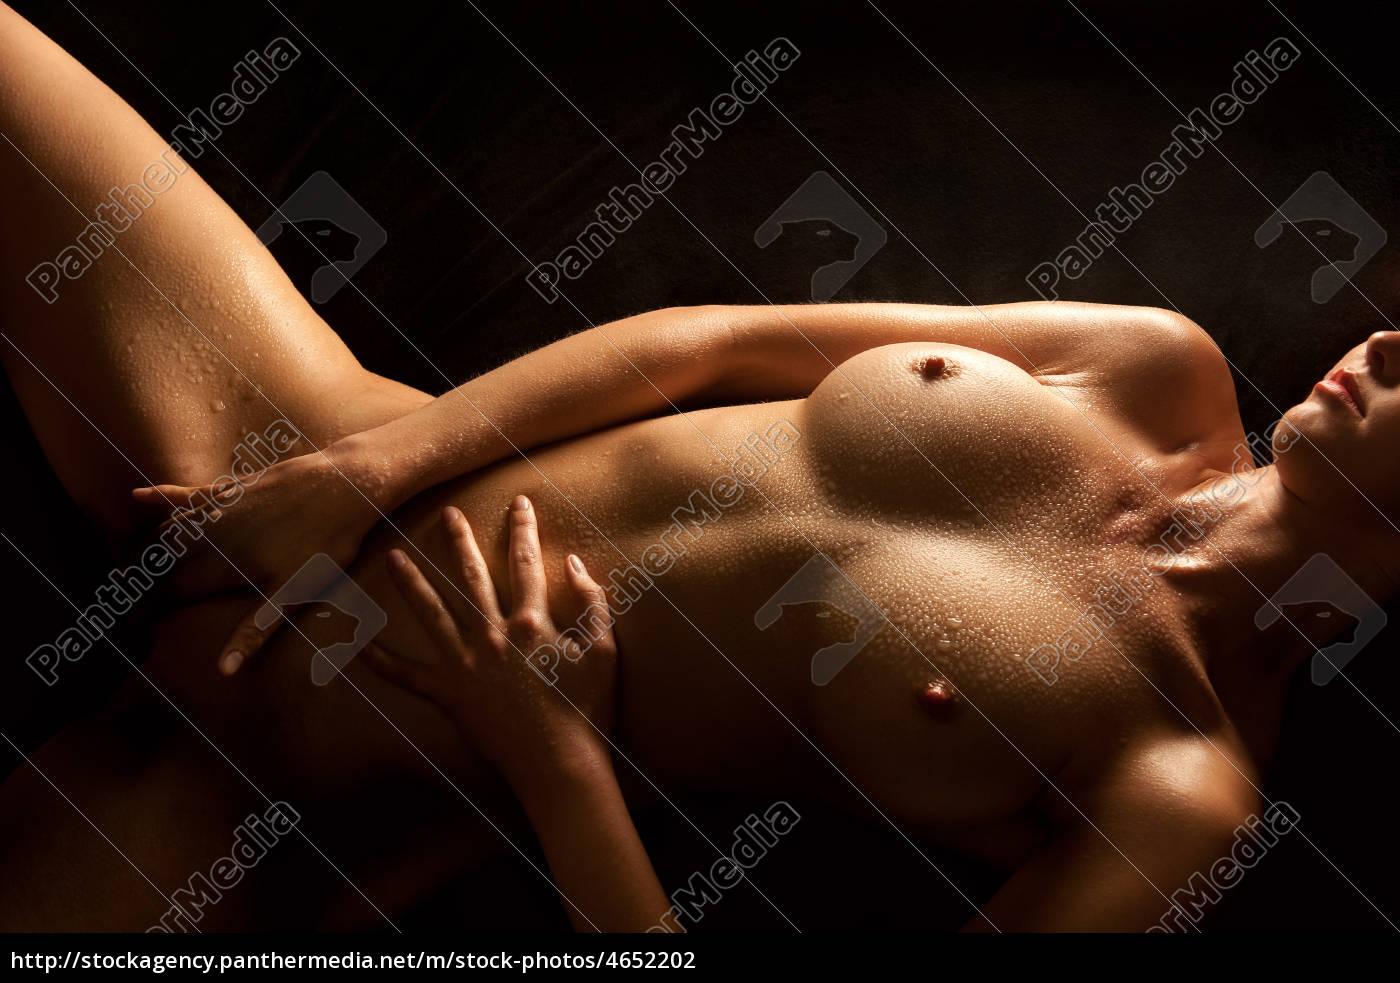 schöne, nackte, frau, streichelt, sich, - 4652202